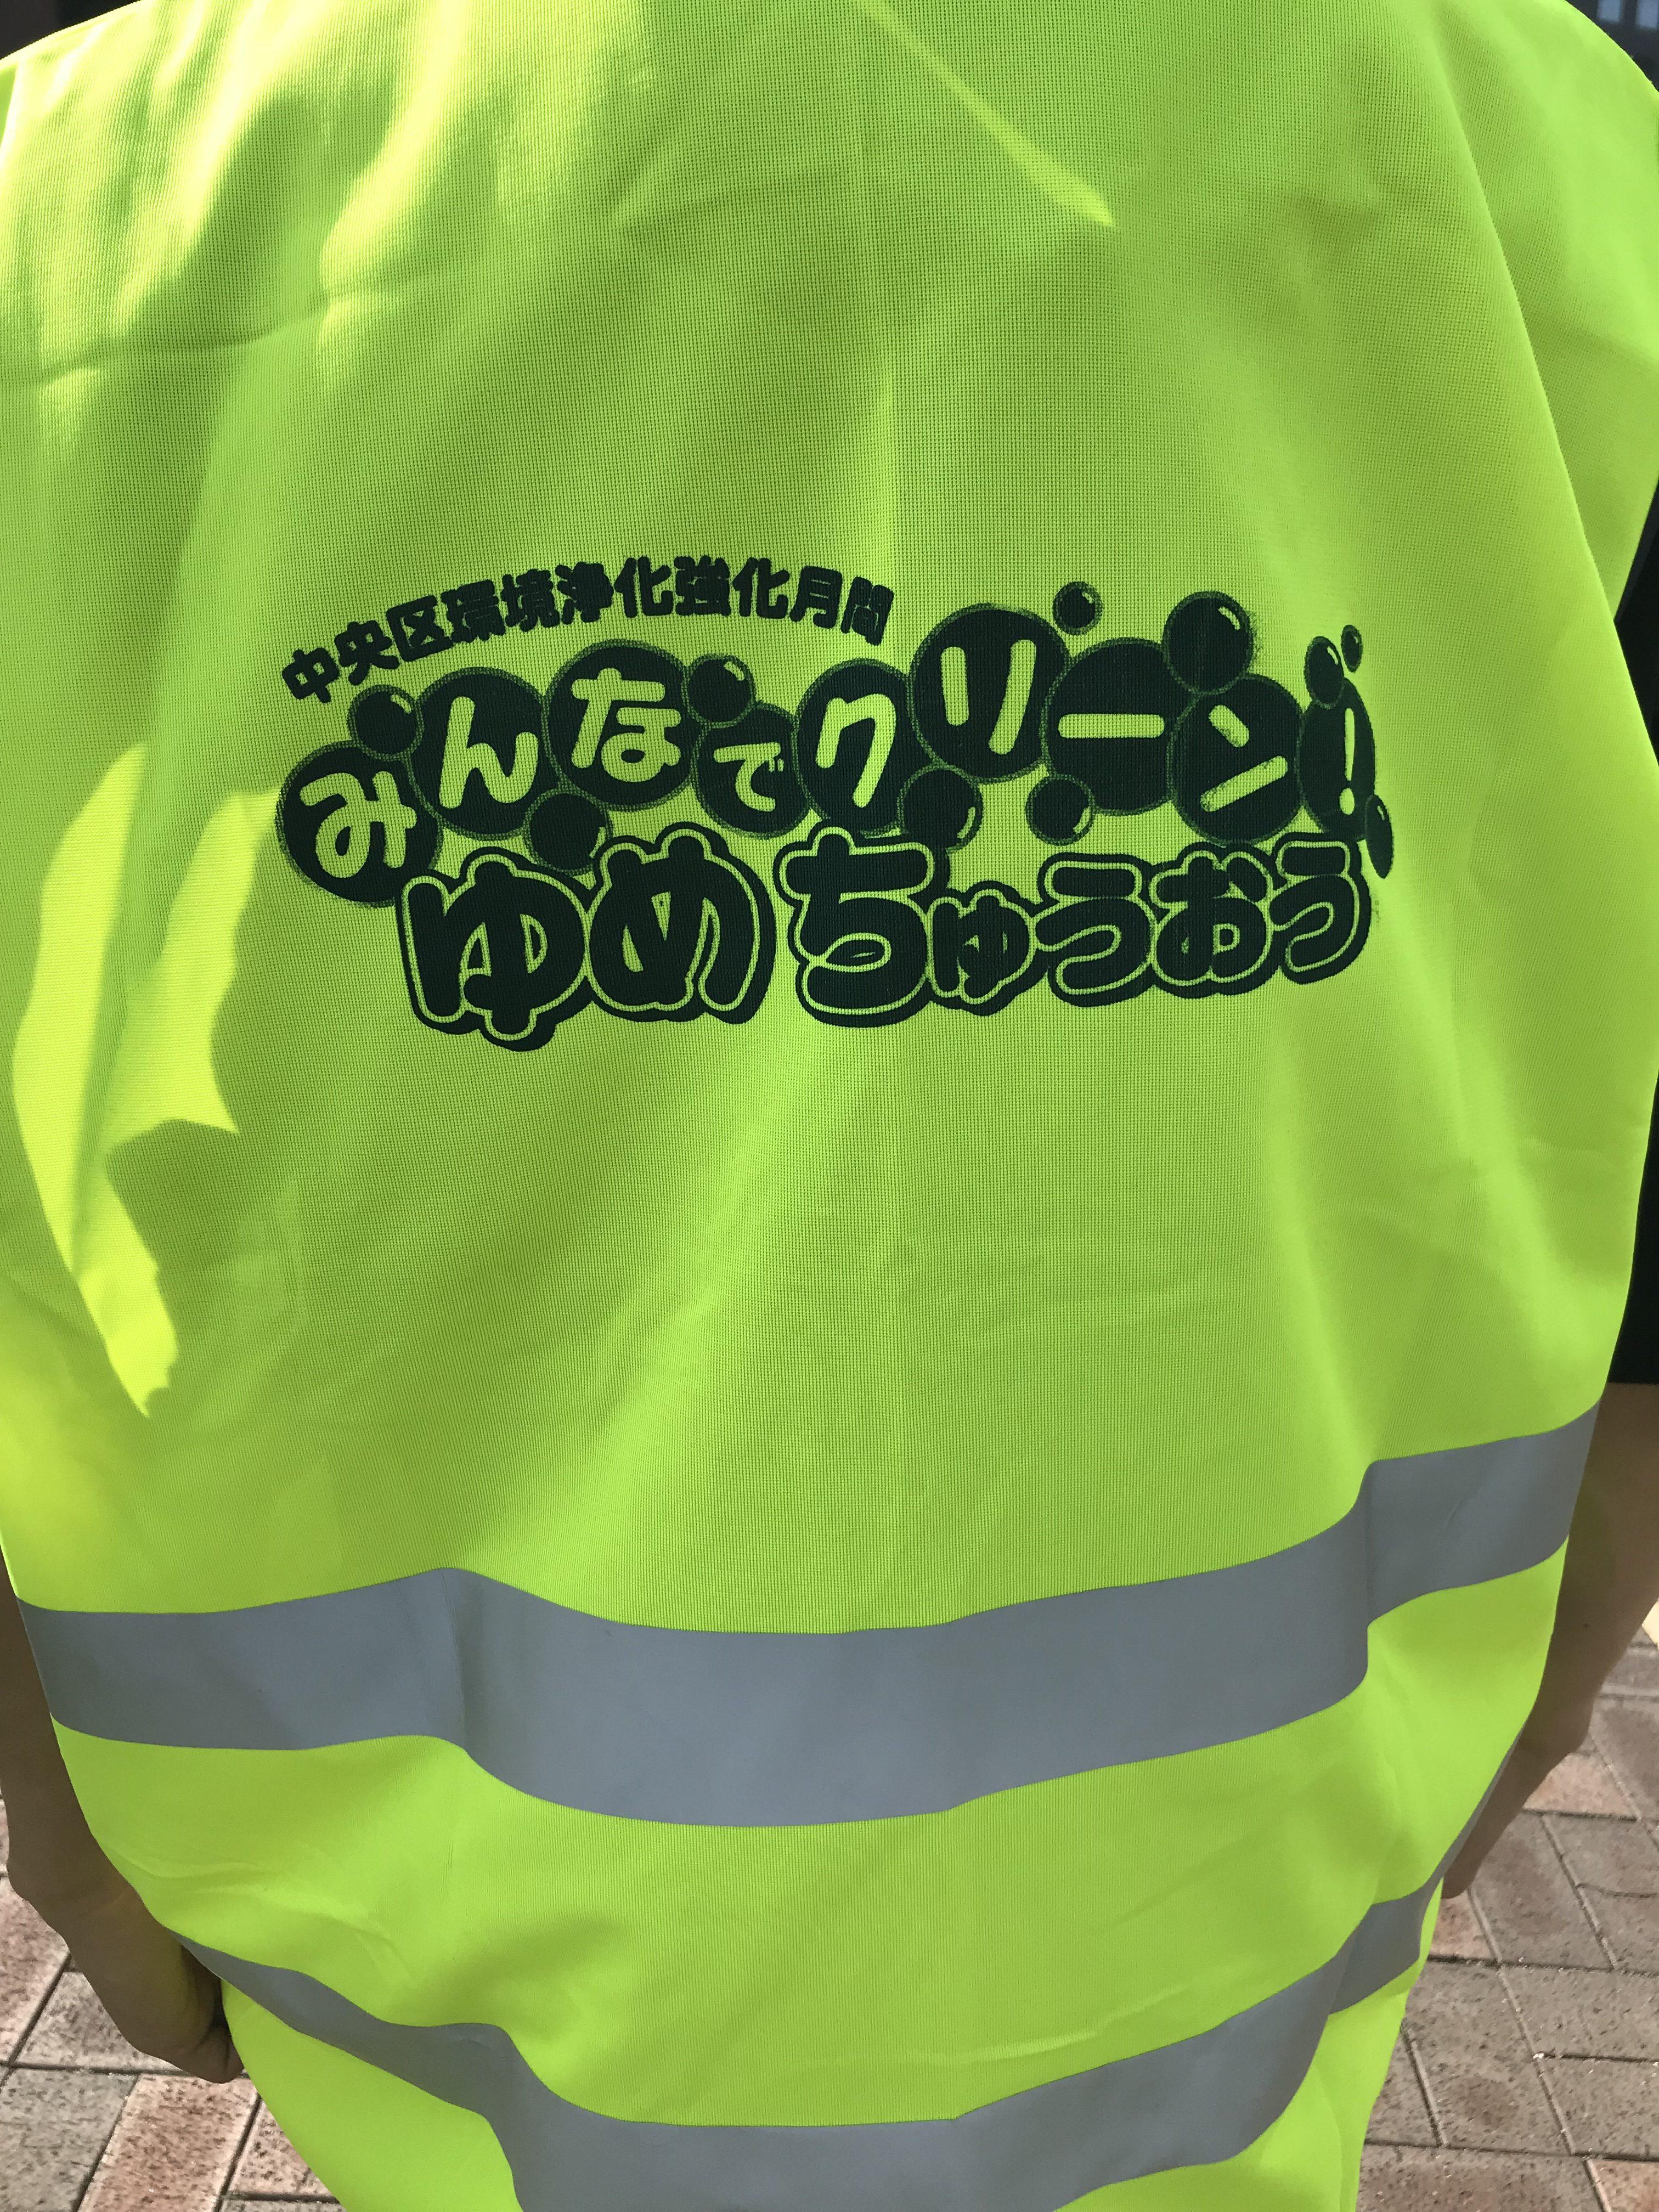 【土曜日開所】ライオン橋の清掃ボランティア